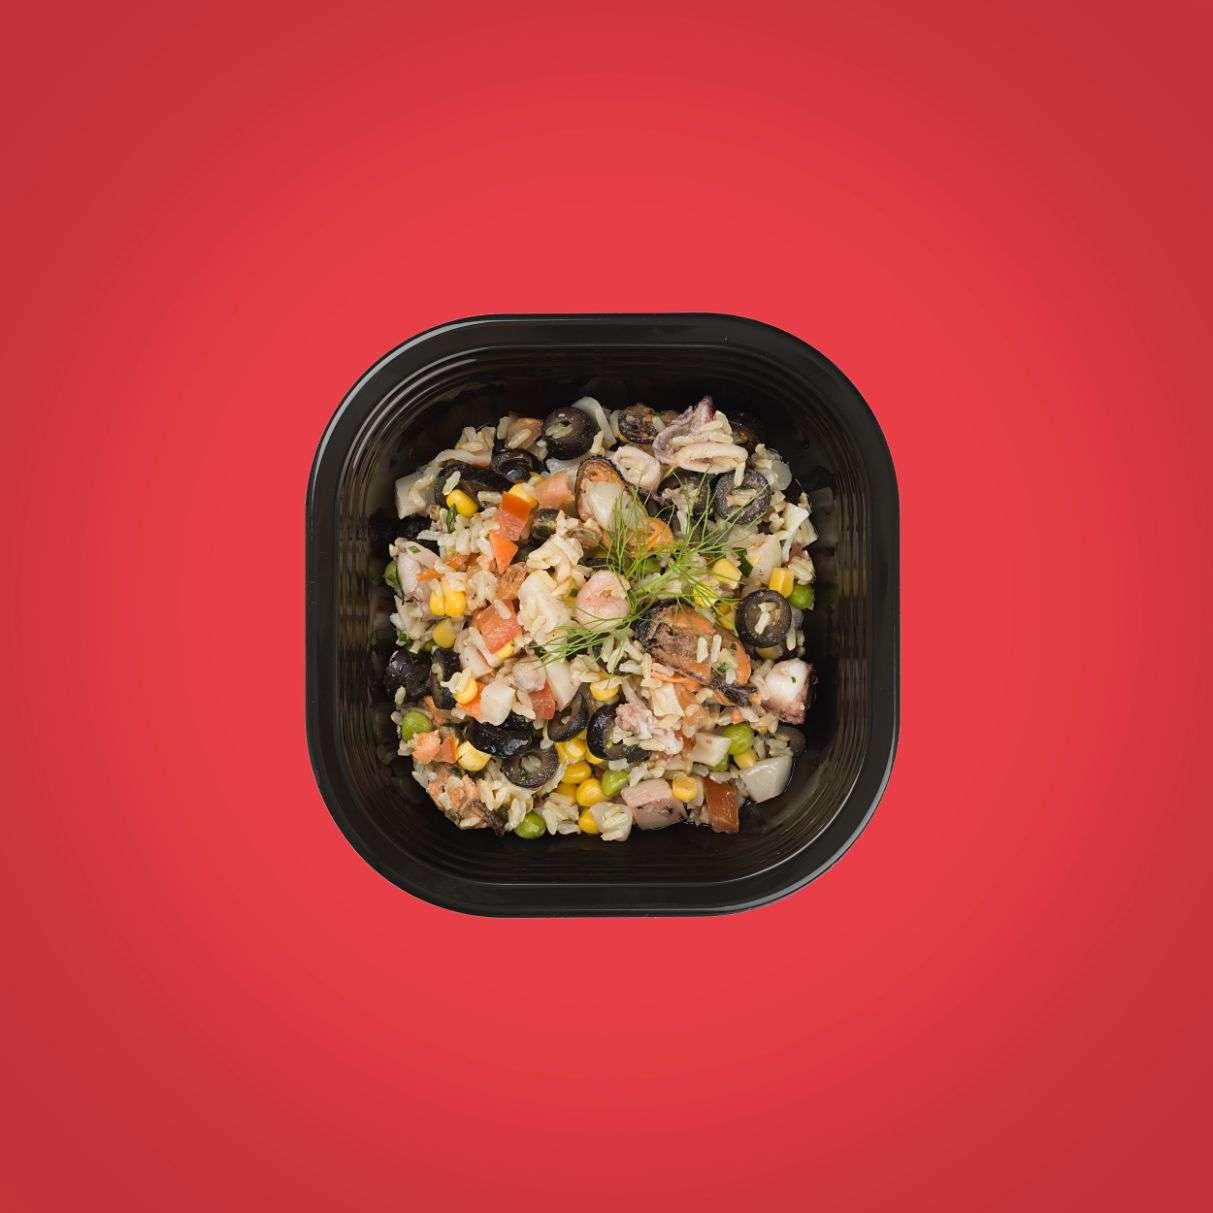 insalata di riso integrale ai frutti di mare piatto pronto a domicilio senza glutine